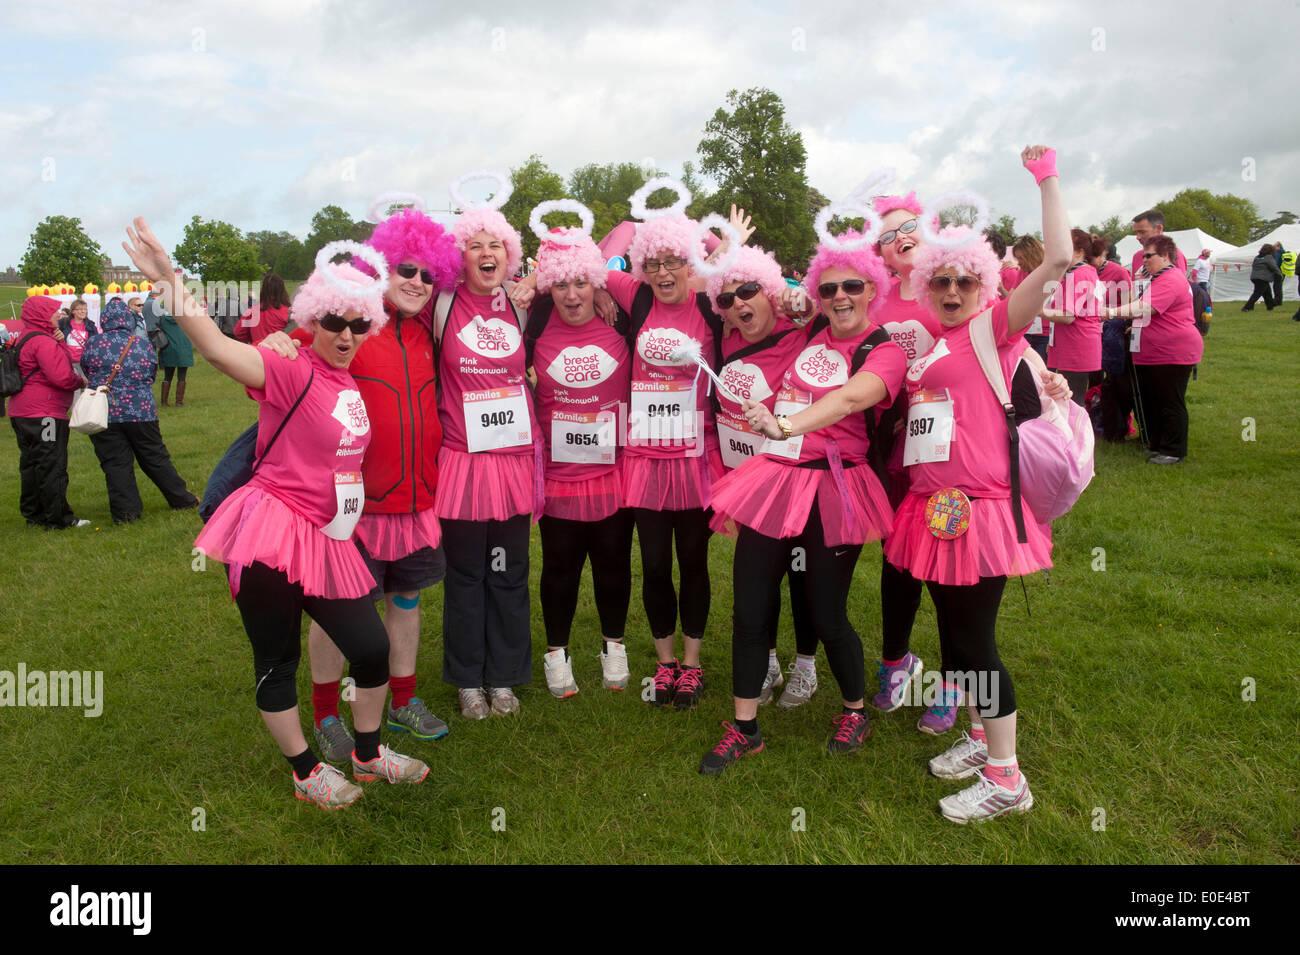 the 10th Pink Ribbon walk at Blenheim Palace, - Stock Image